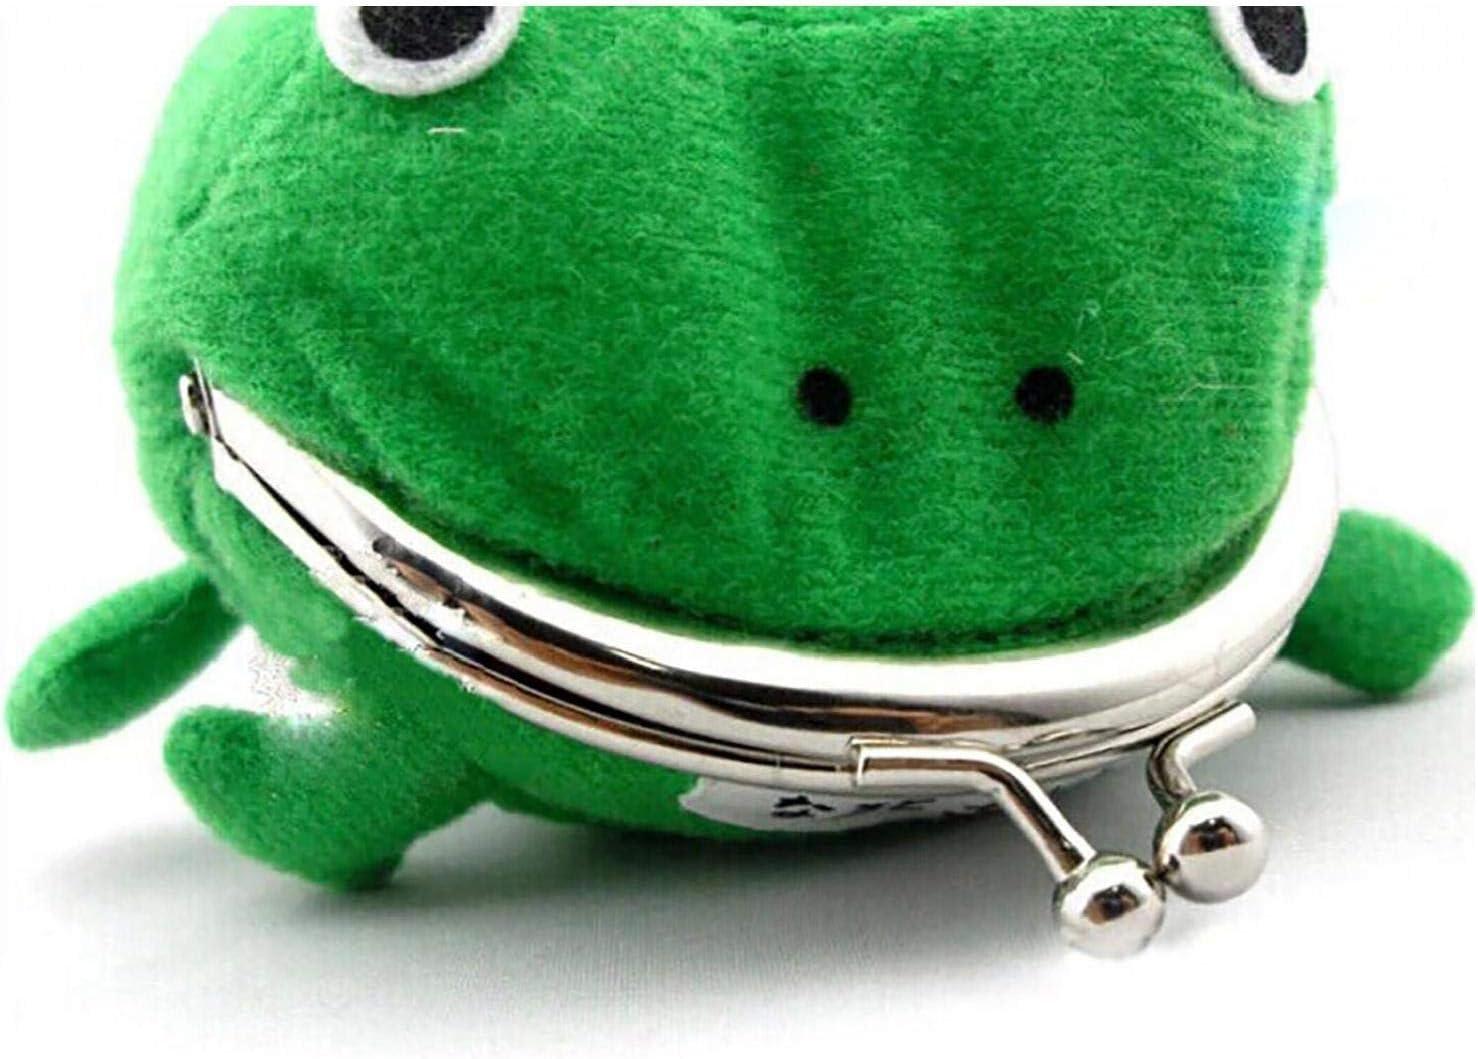 Odoukey Grenouille Verte Sac Mignon de Monnaie Cosplay Accessoires Peluche Porte-Monnaie Portefeuille pour Les Amateurs de Naruto et Cosplay